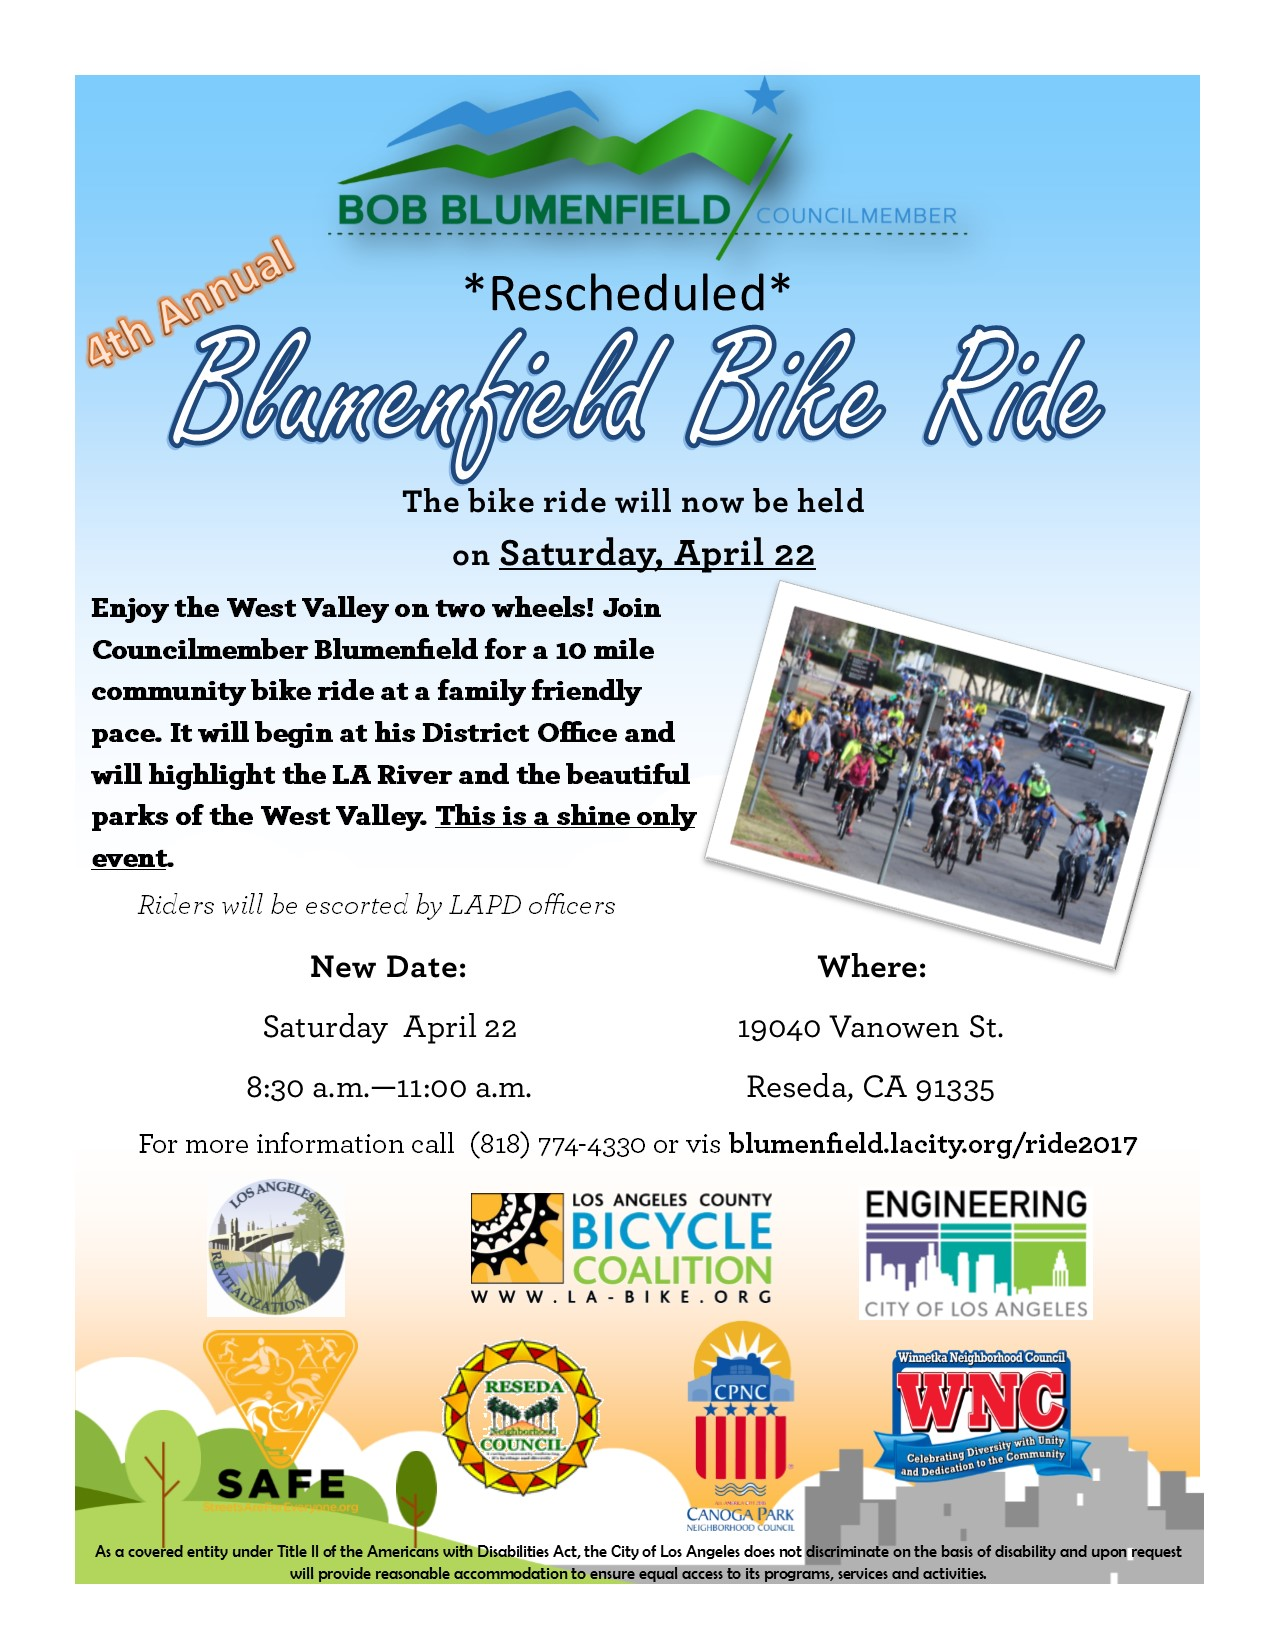 Blumenfield_Bike_Ride_Flyer_4.22.17_----.jpg